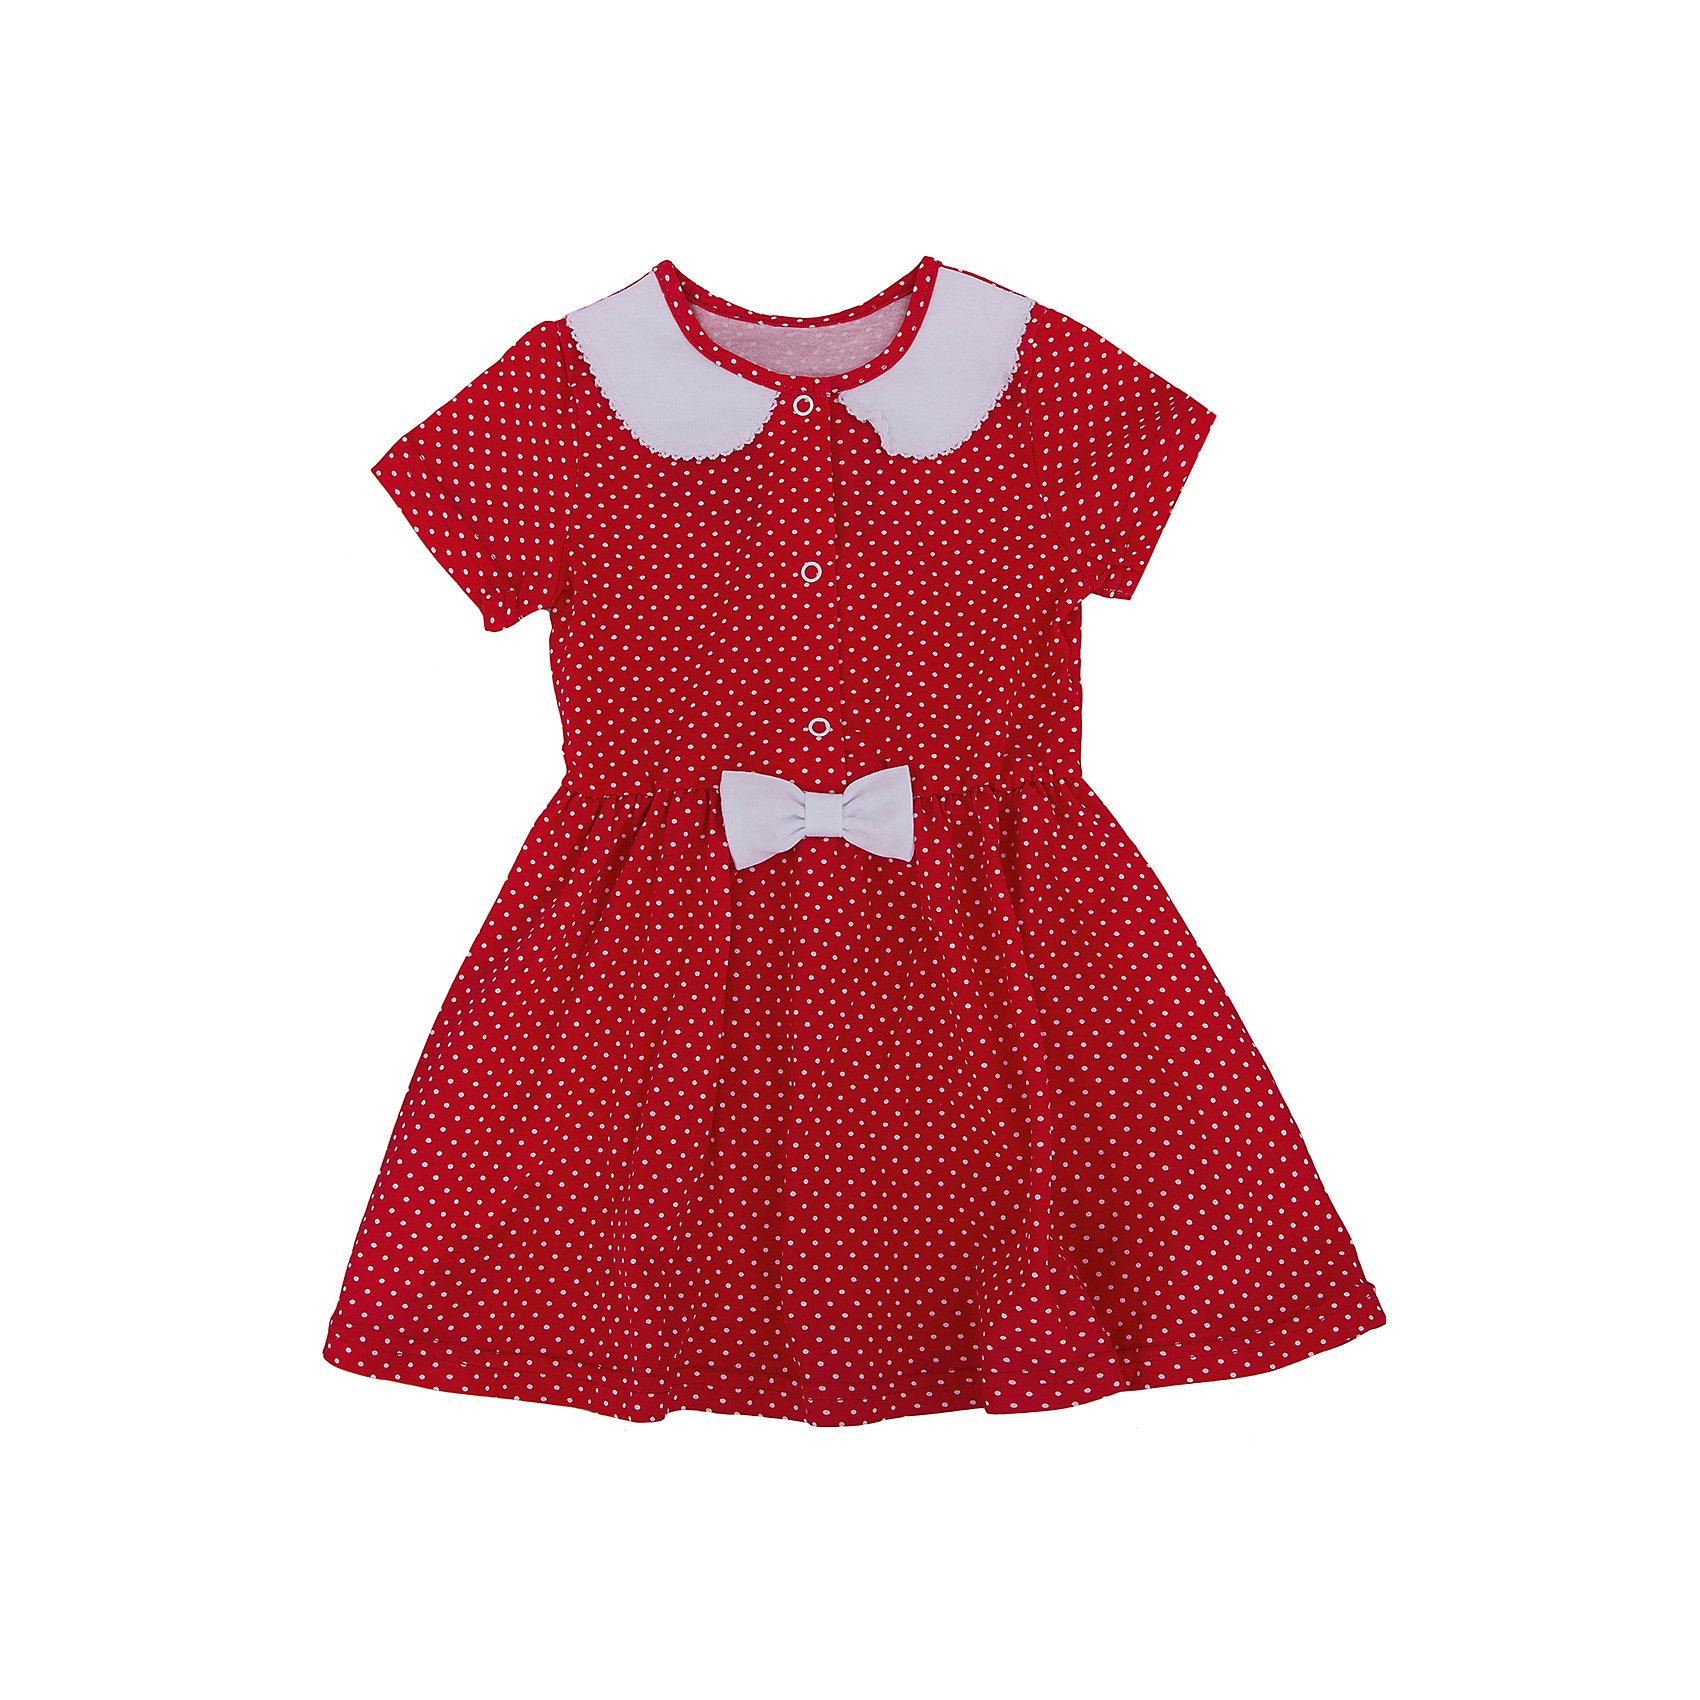 Платье для девочки АпрельПлатье Апрель<br>Милое платье в горошек приведет в восторг юных модниц. Изделие с короткими рукавами, застегивается на кнопки, декорировано контрастным отложным воротничком и бантиком. Платье изготовлено из тонкого прочного хлопкового трикотажного полотна - кулир. Детская одежда из кулира отлично пропускает воздух, что идеально подходит для жаркого и знойного лета. Приятная на ощупь ткань исключит риск возникновения аллергии или раздражения при соприкосновении с нежной детской кожей. Простота в уходе делает изделие отличным вариантом для повседневного гардероба ребёнка. Дети очень активны и подвижны, а благодаря современным лекалам, используемым при производстве модели, ваше чадо будет свободно двигаться, и принимать активное участие в играх. Новейшее оборудование на производстве обеспечивает надёжность швов и длительный срок службы изделия.<br><br>Дополнительная информация:<br><br>- Сезон: лето<br>- Цвет: красный, белый<br>- Длина рукава: короткие<br>- Тип застежки: кнопки<br>- Длина юбки: мини<br>- Без карманов<br>- По назначению: повседневный стиль<br>- Ткань: кулир<br>- Состав: 100 % хлопок<br><br>Платье Апрель можно купить в нашем интернет-магазине.<br><br>Ширина мм: 236<br>Глубина мм: 16<br>Высота мм: 184<br>Вес г: 177<br>Цвет: красный<br>Возраст от месяцев: 24<br>Возраст до месяцев: 36<br>Пол: Женский<br>Возраст: Детский<br>Размер: 98,92,122,116,110,104<br>SKU: 4726519